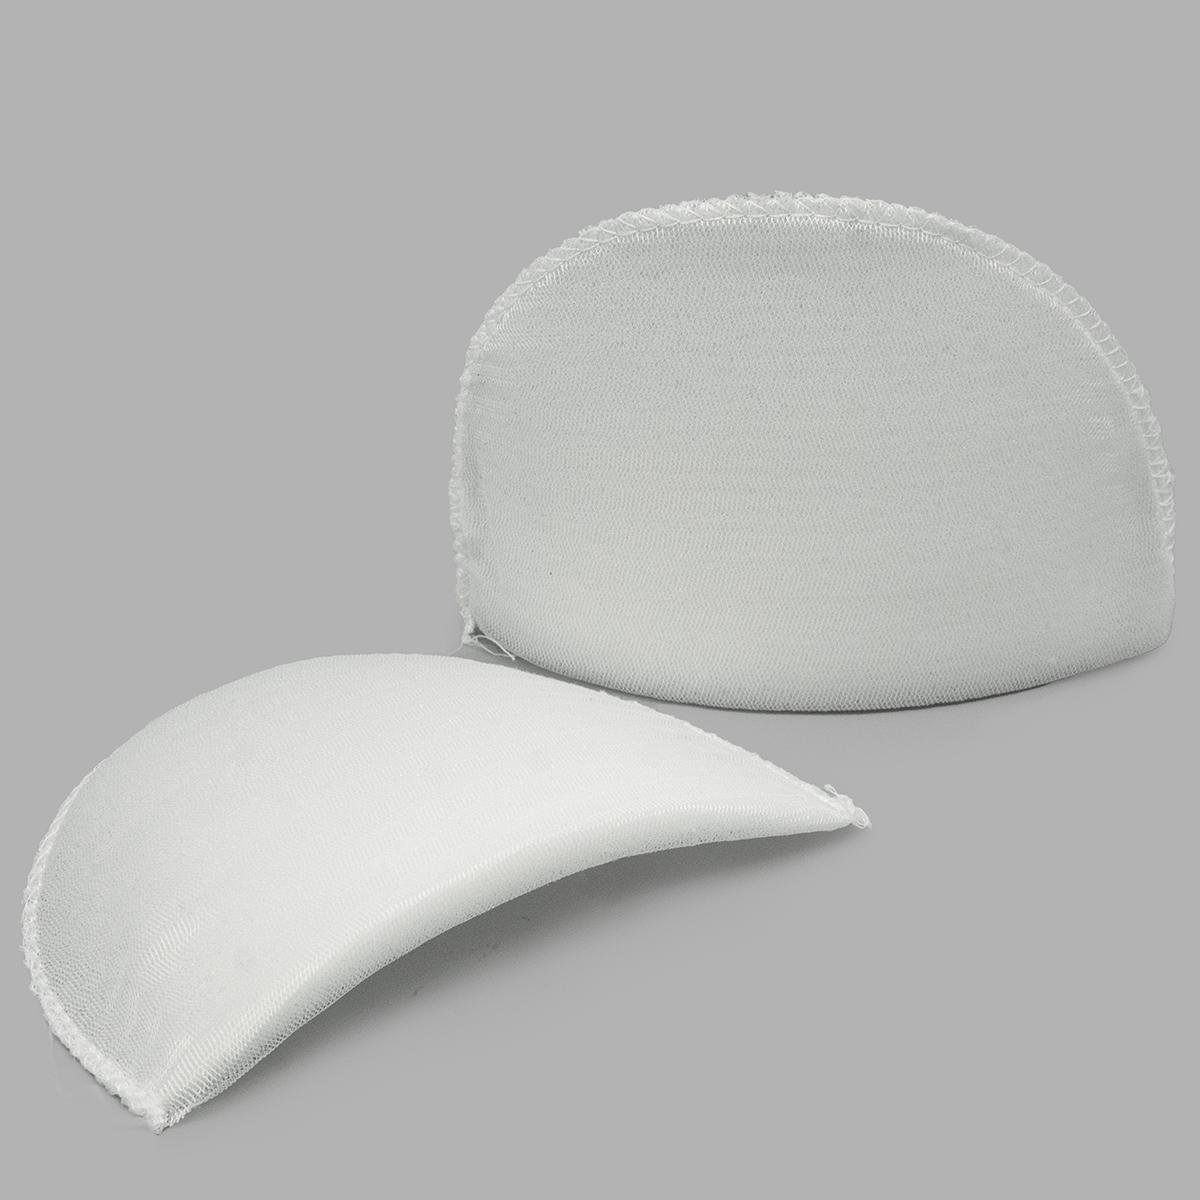 Плечевые накладки В-10/А втачные обшитые цвет белый, 10х100х145 мм, Hobby&Pro